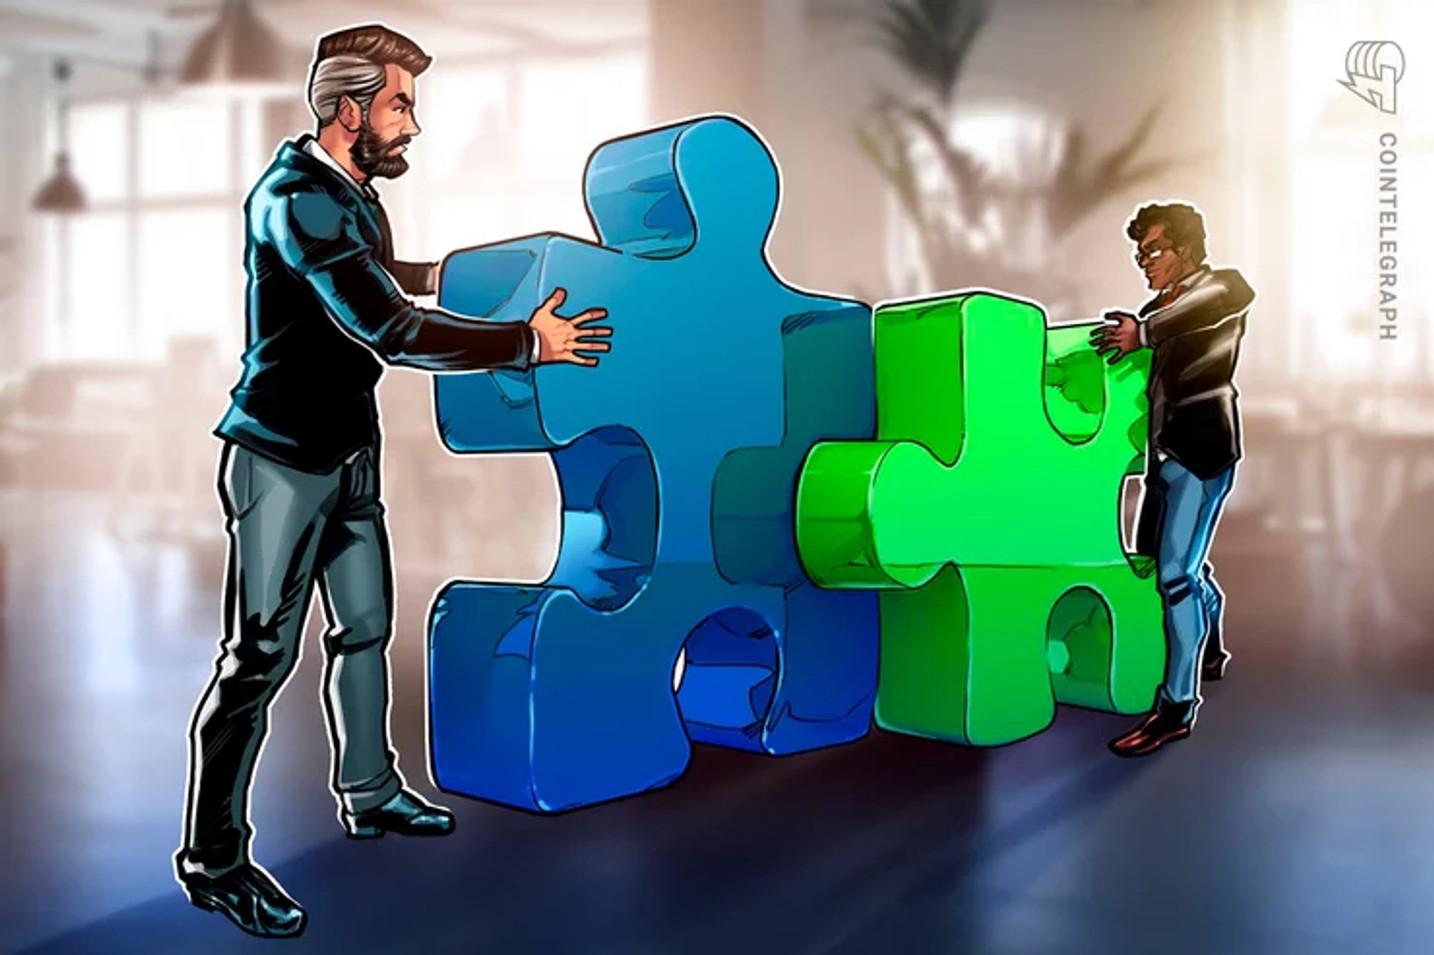 Presidente da IBM na América Latina diz que blockchain 'será o padrão para transações de ativos'